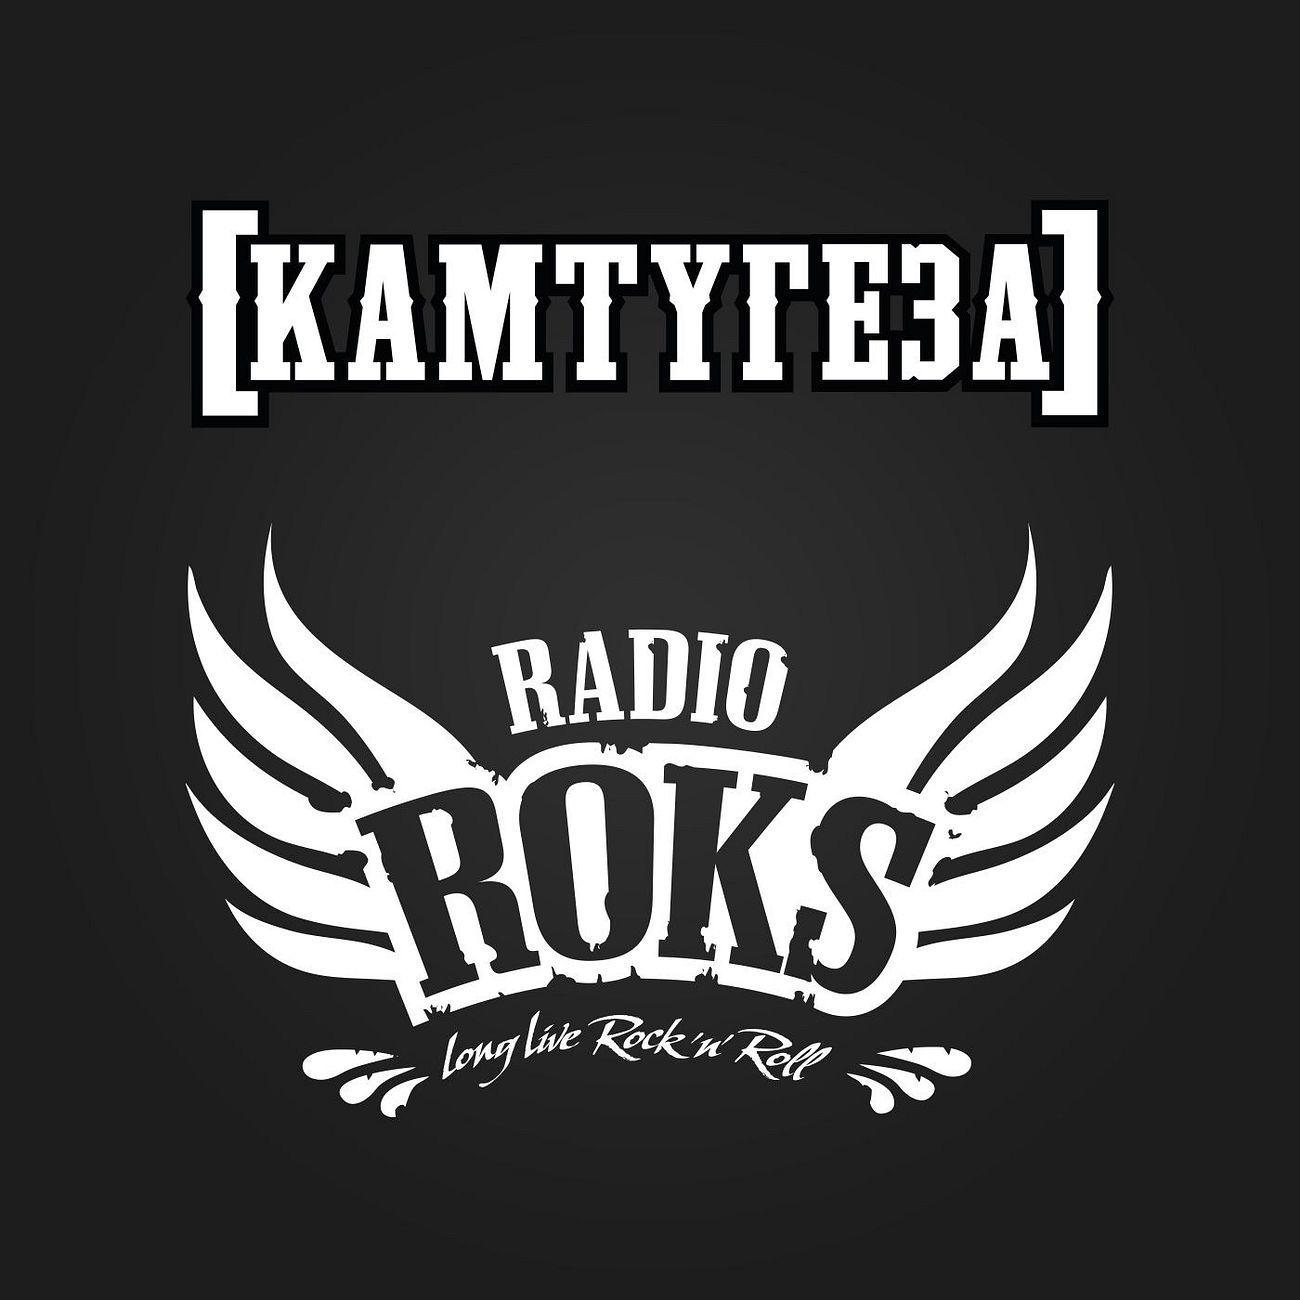 [КАМТУГЕЗА] на Radio ROKS